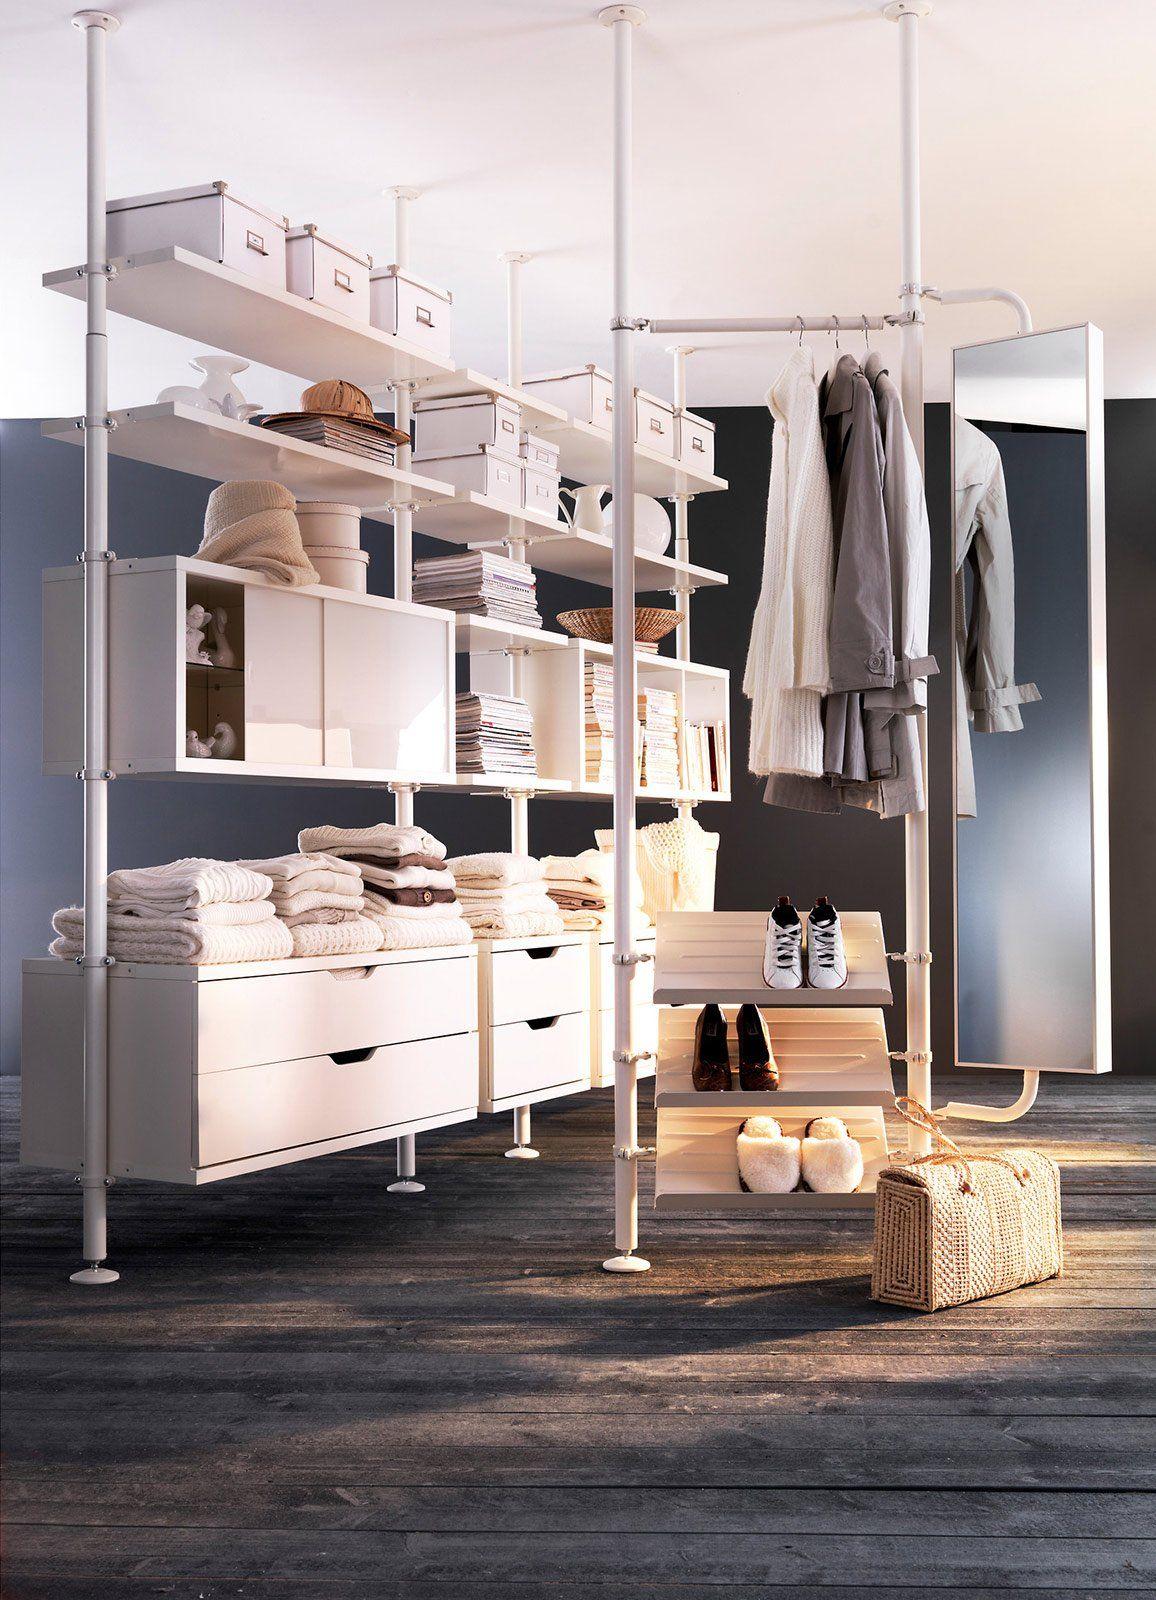 Cabina Armadio Ikea Misure.Cabine Armadio Progettiamo Insieme Lo Spazio Armadio Ikea